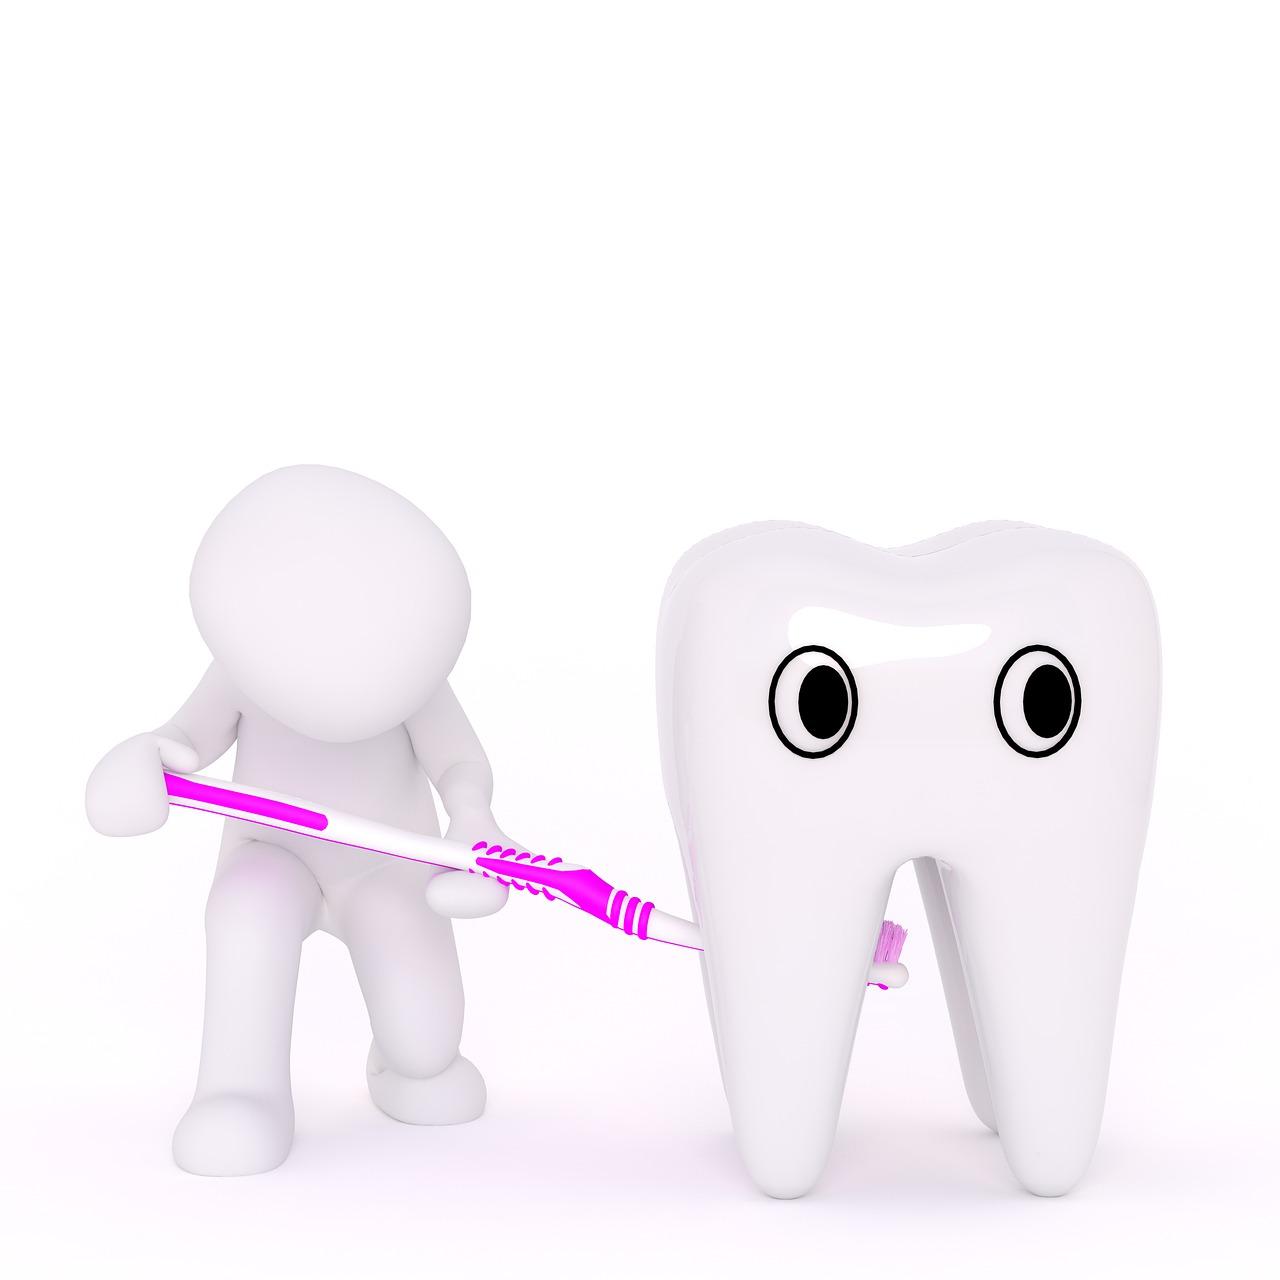 הלבנת שיניים - איך ללמוד לשמור על כך לאורך זמן